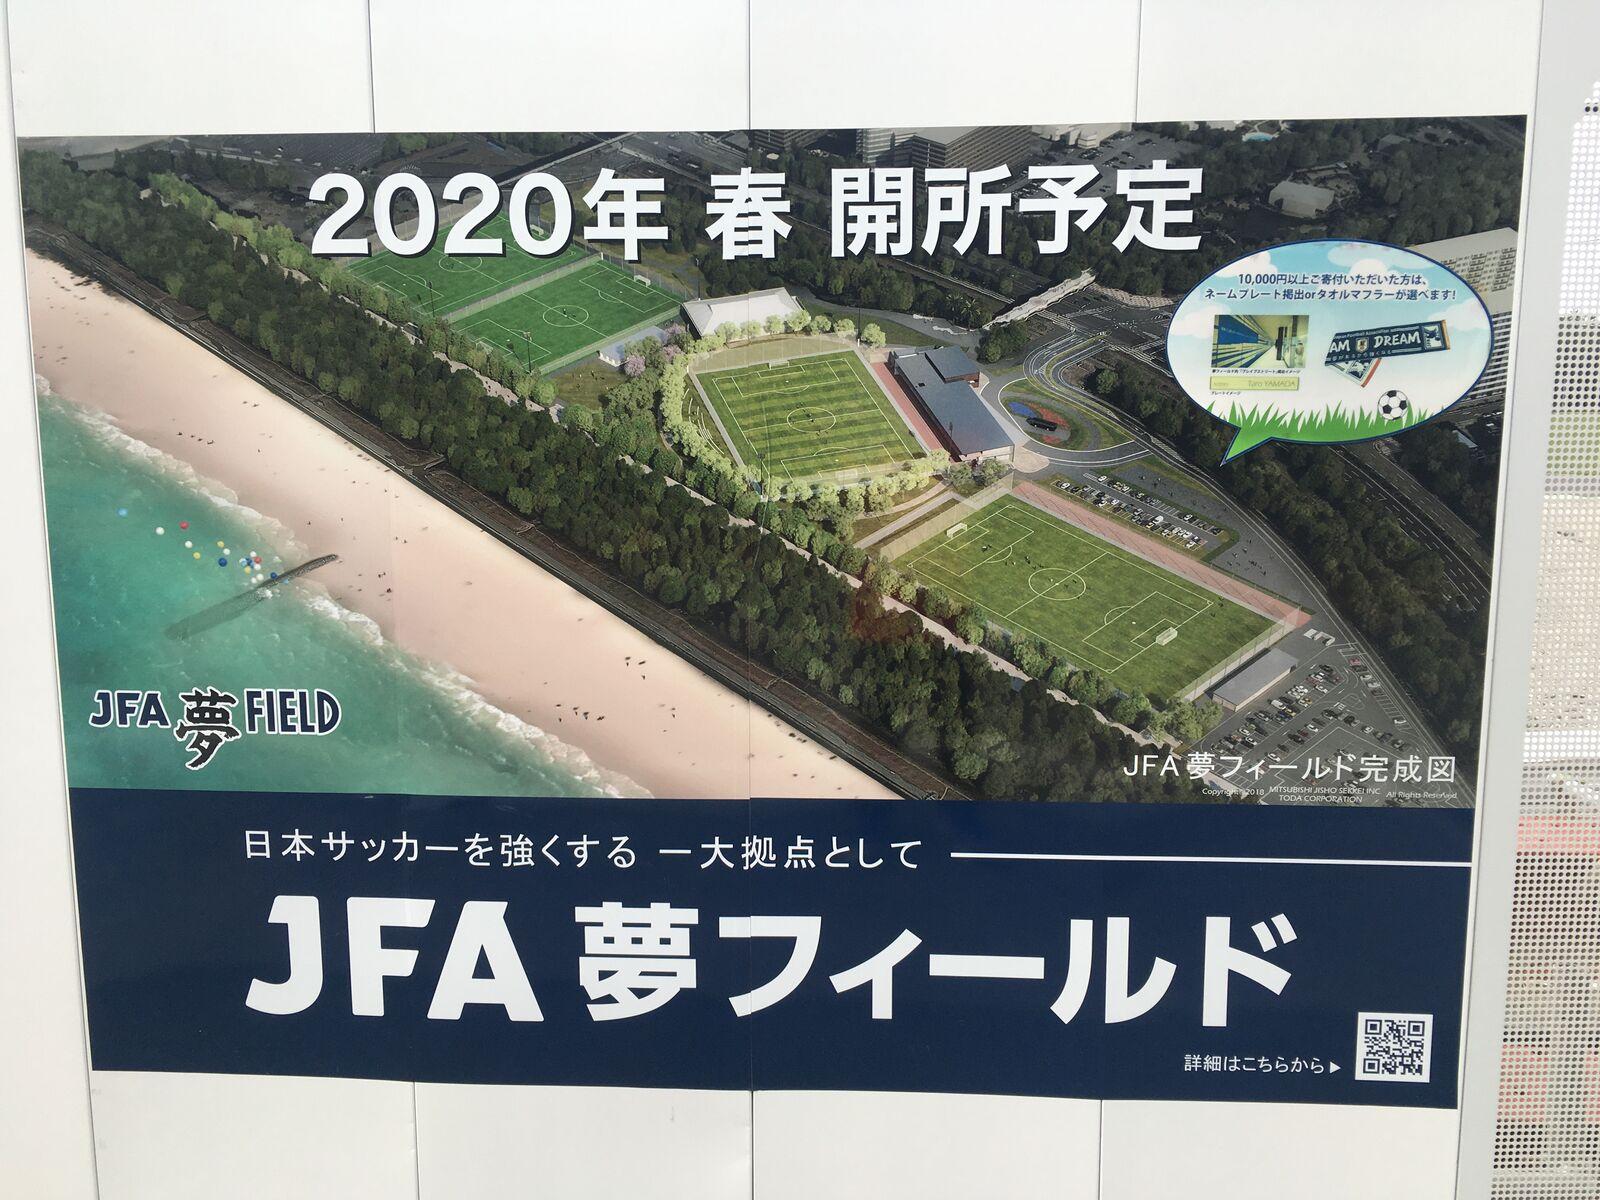 フィールド jfa 夢